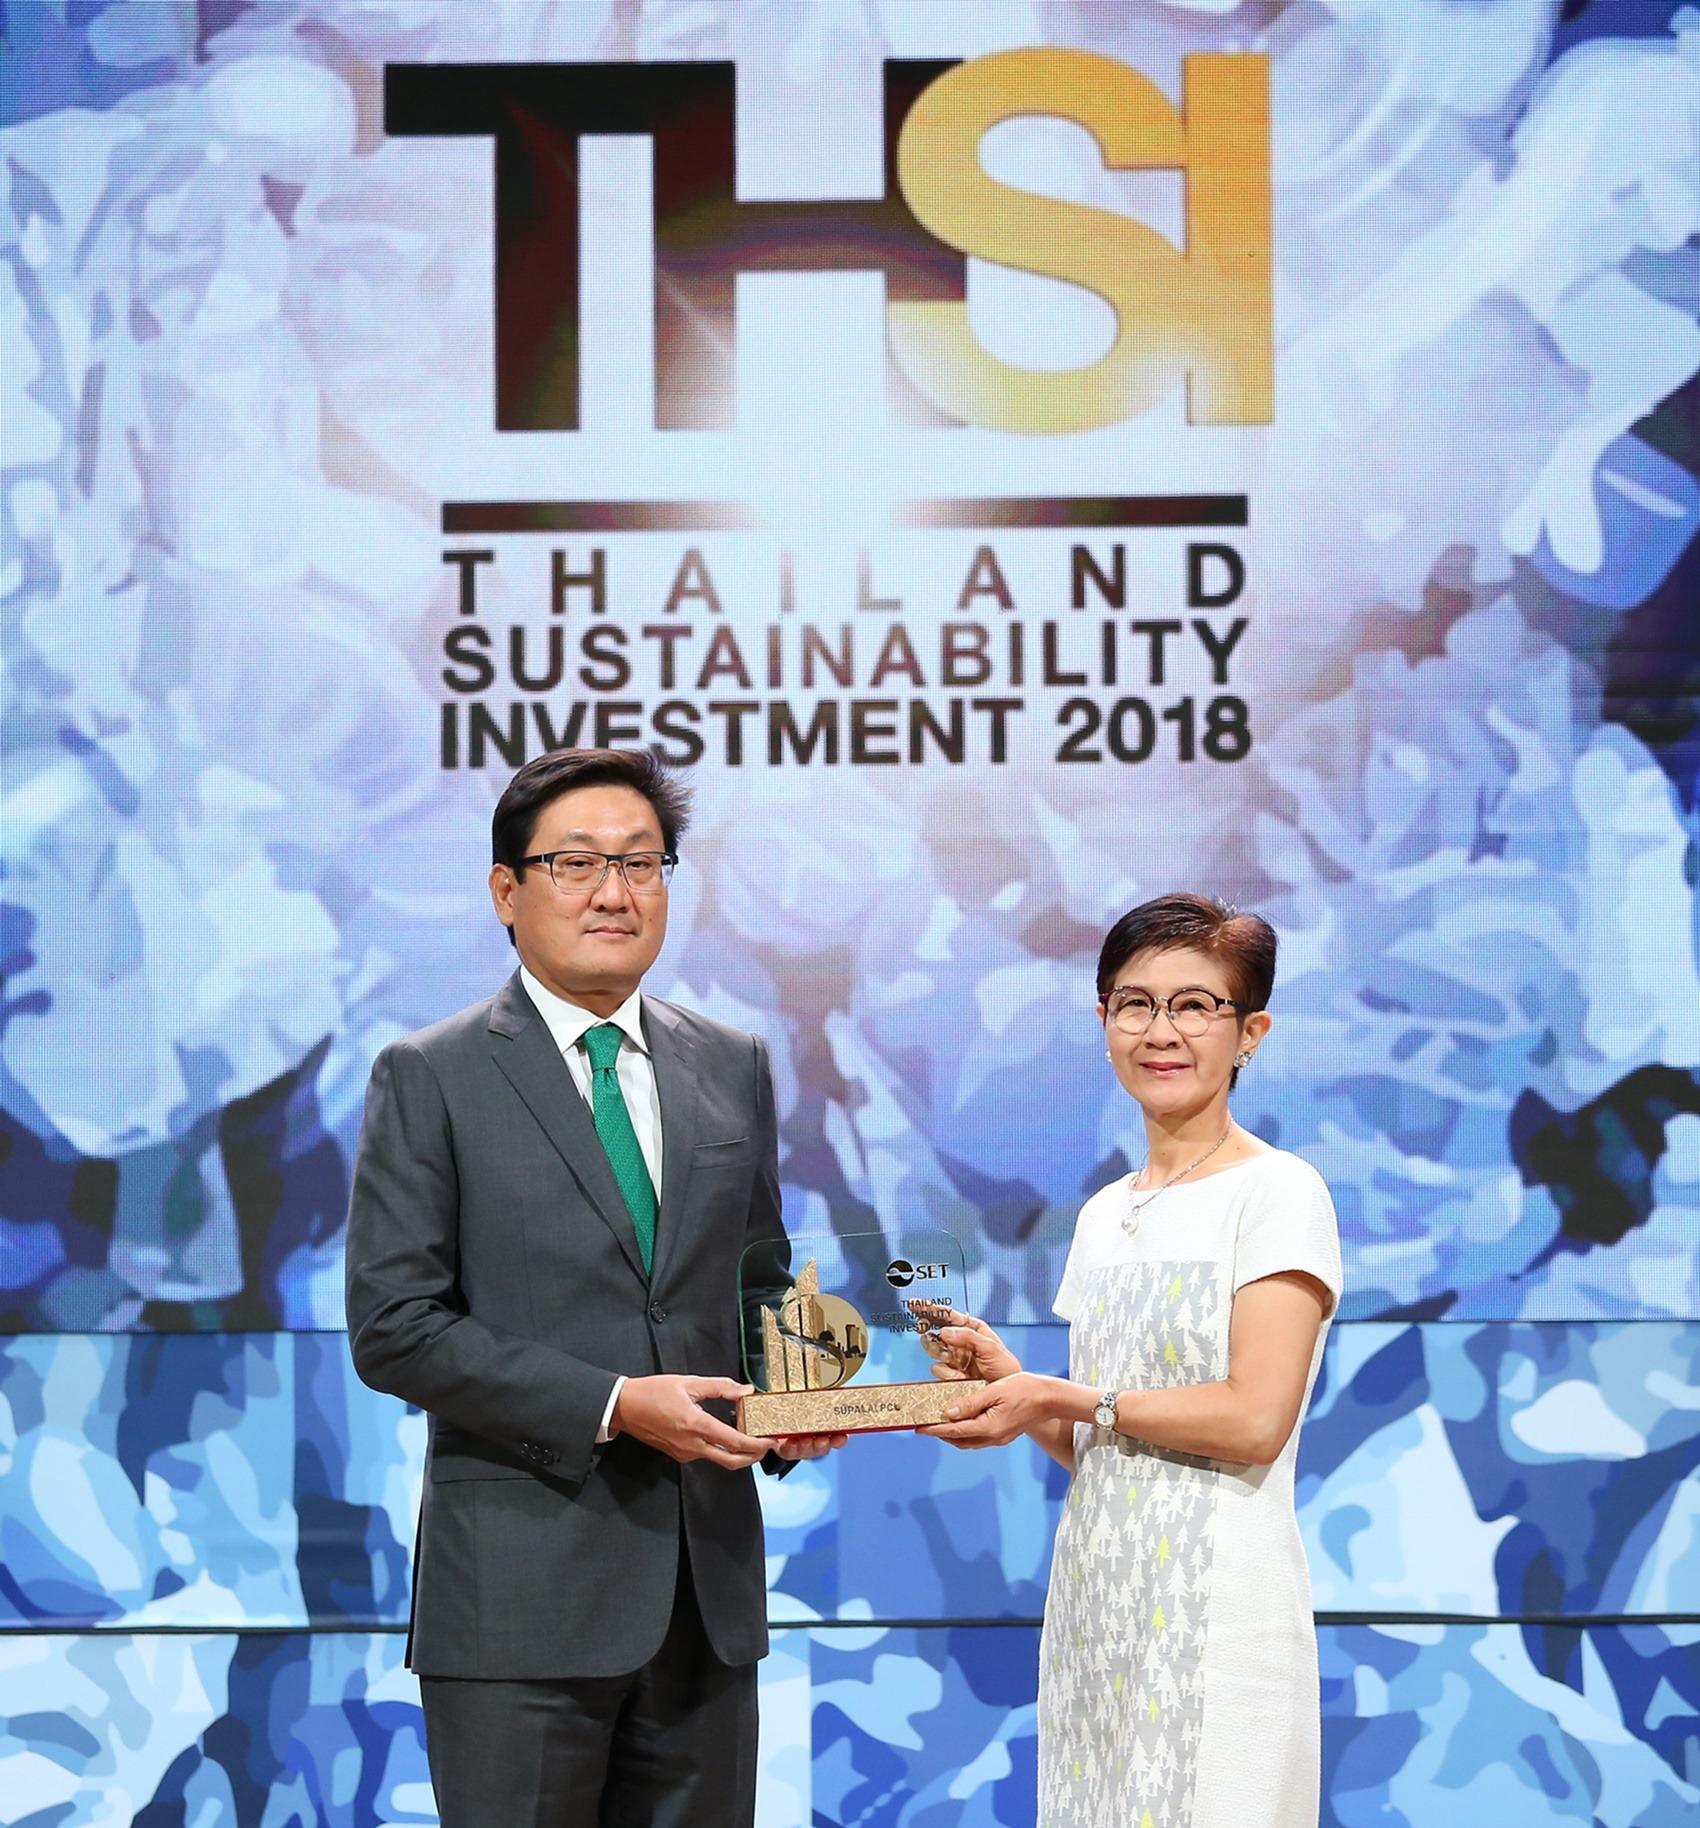 รูปบทความ ศุภาลัย คว้ารางวัล Thailand Sustainability Investment 2018 ต่อเนื่องปีที่ 4